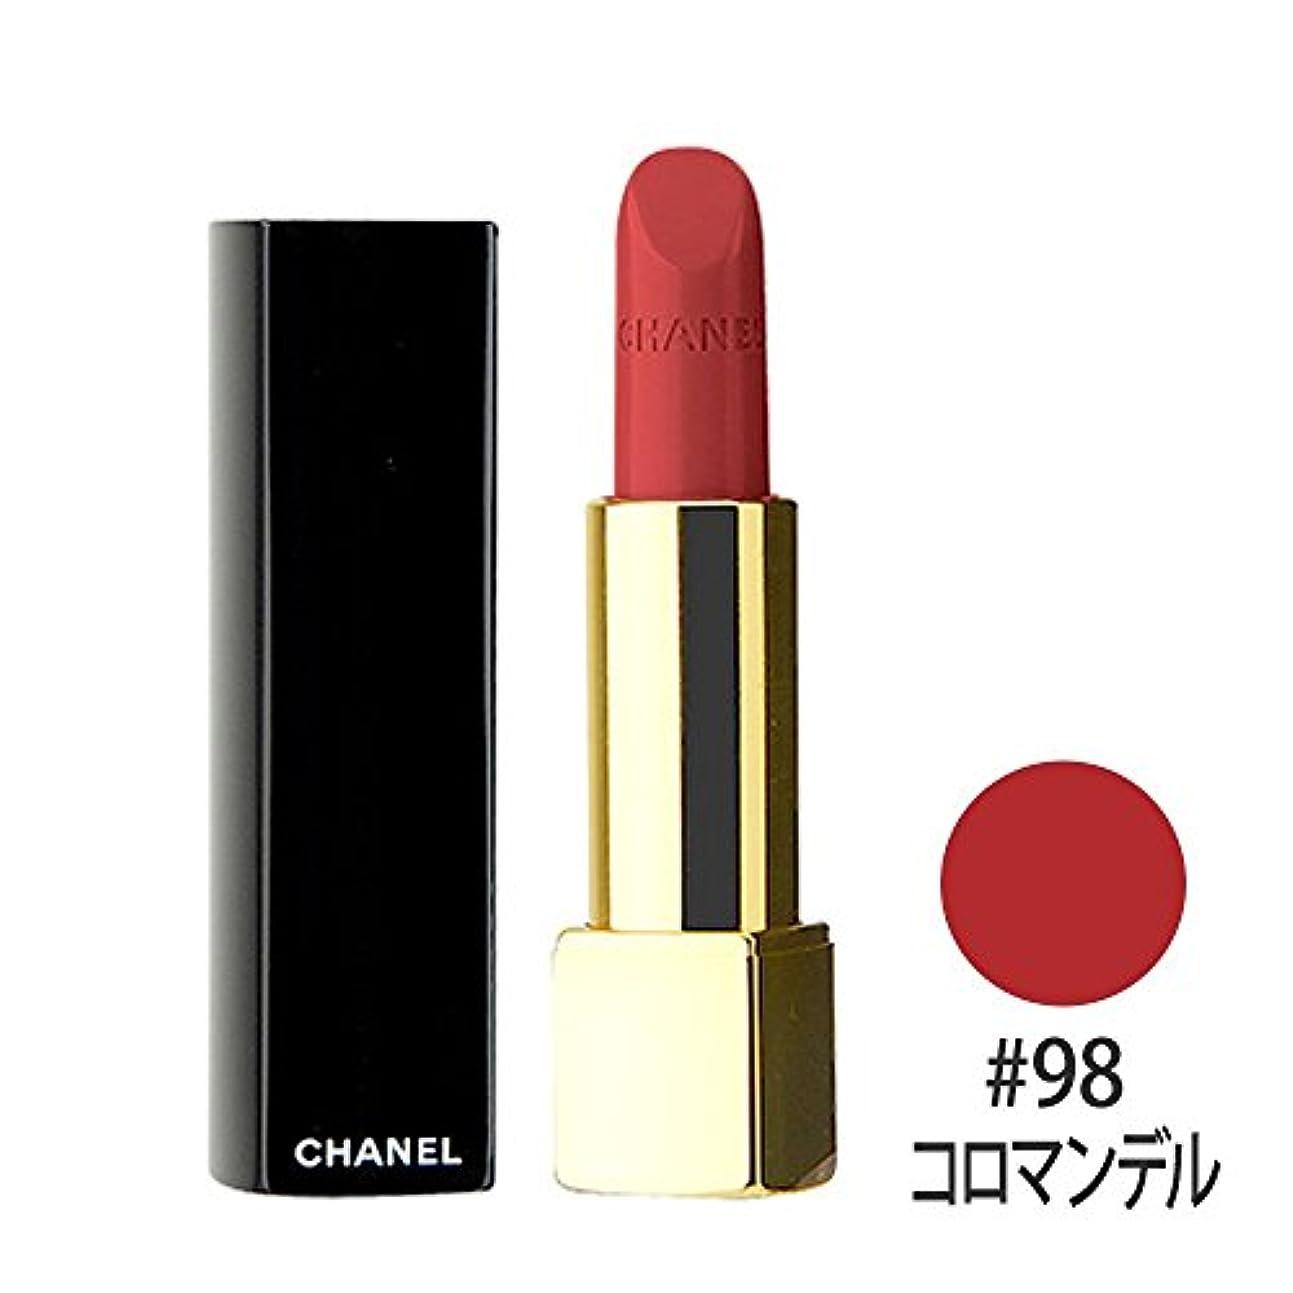 破裂増幅若いChanel Rouge Allure Luminous Intense Lip Colour 98 Coromandel [並行輸入品]